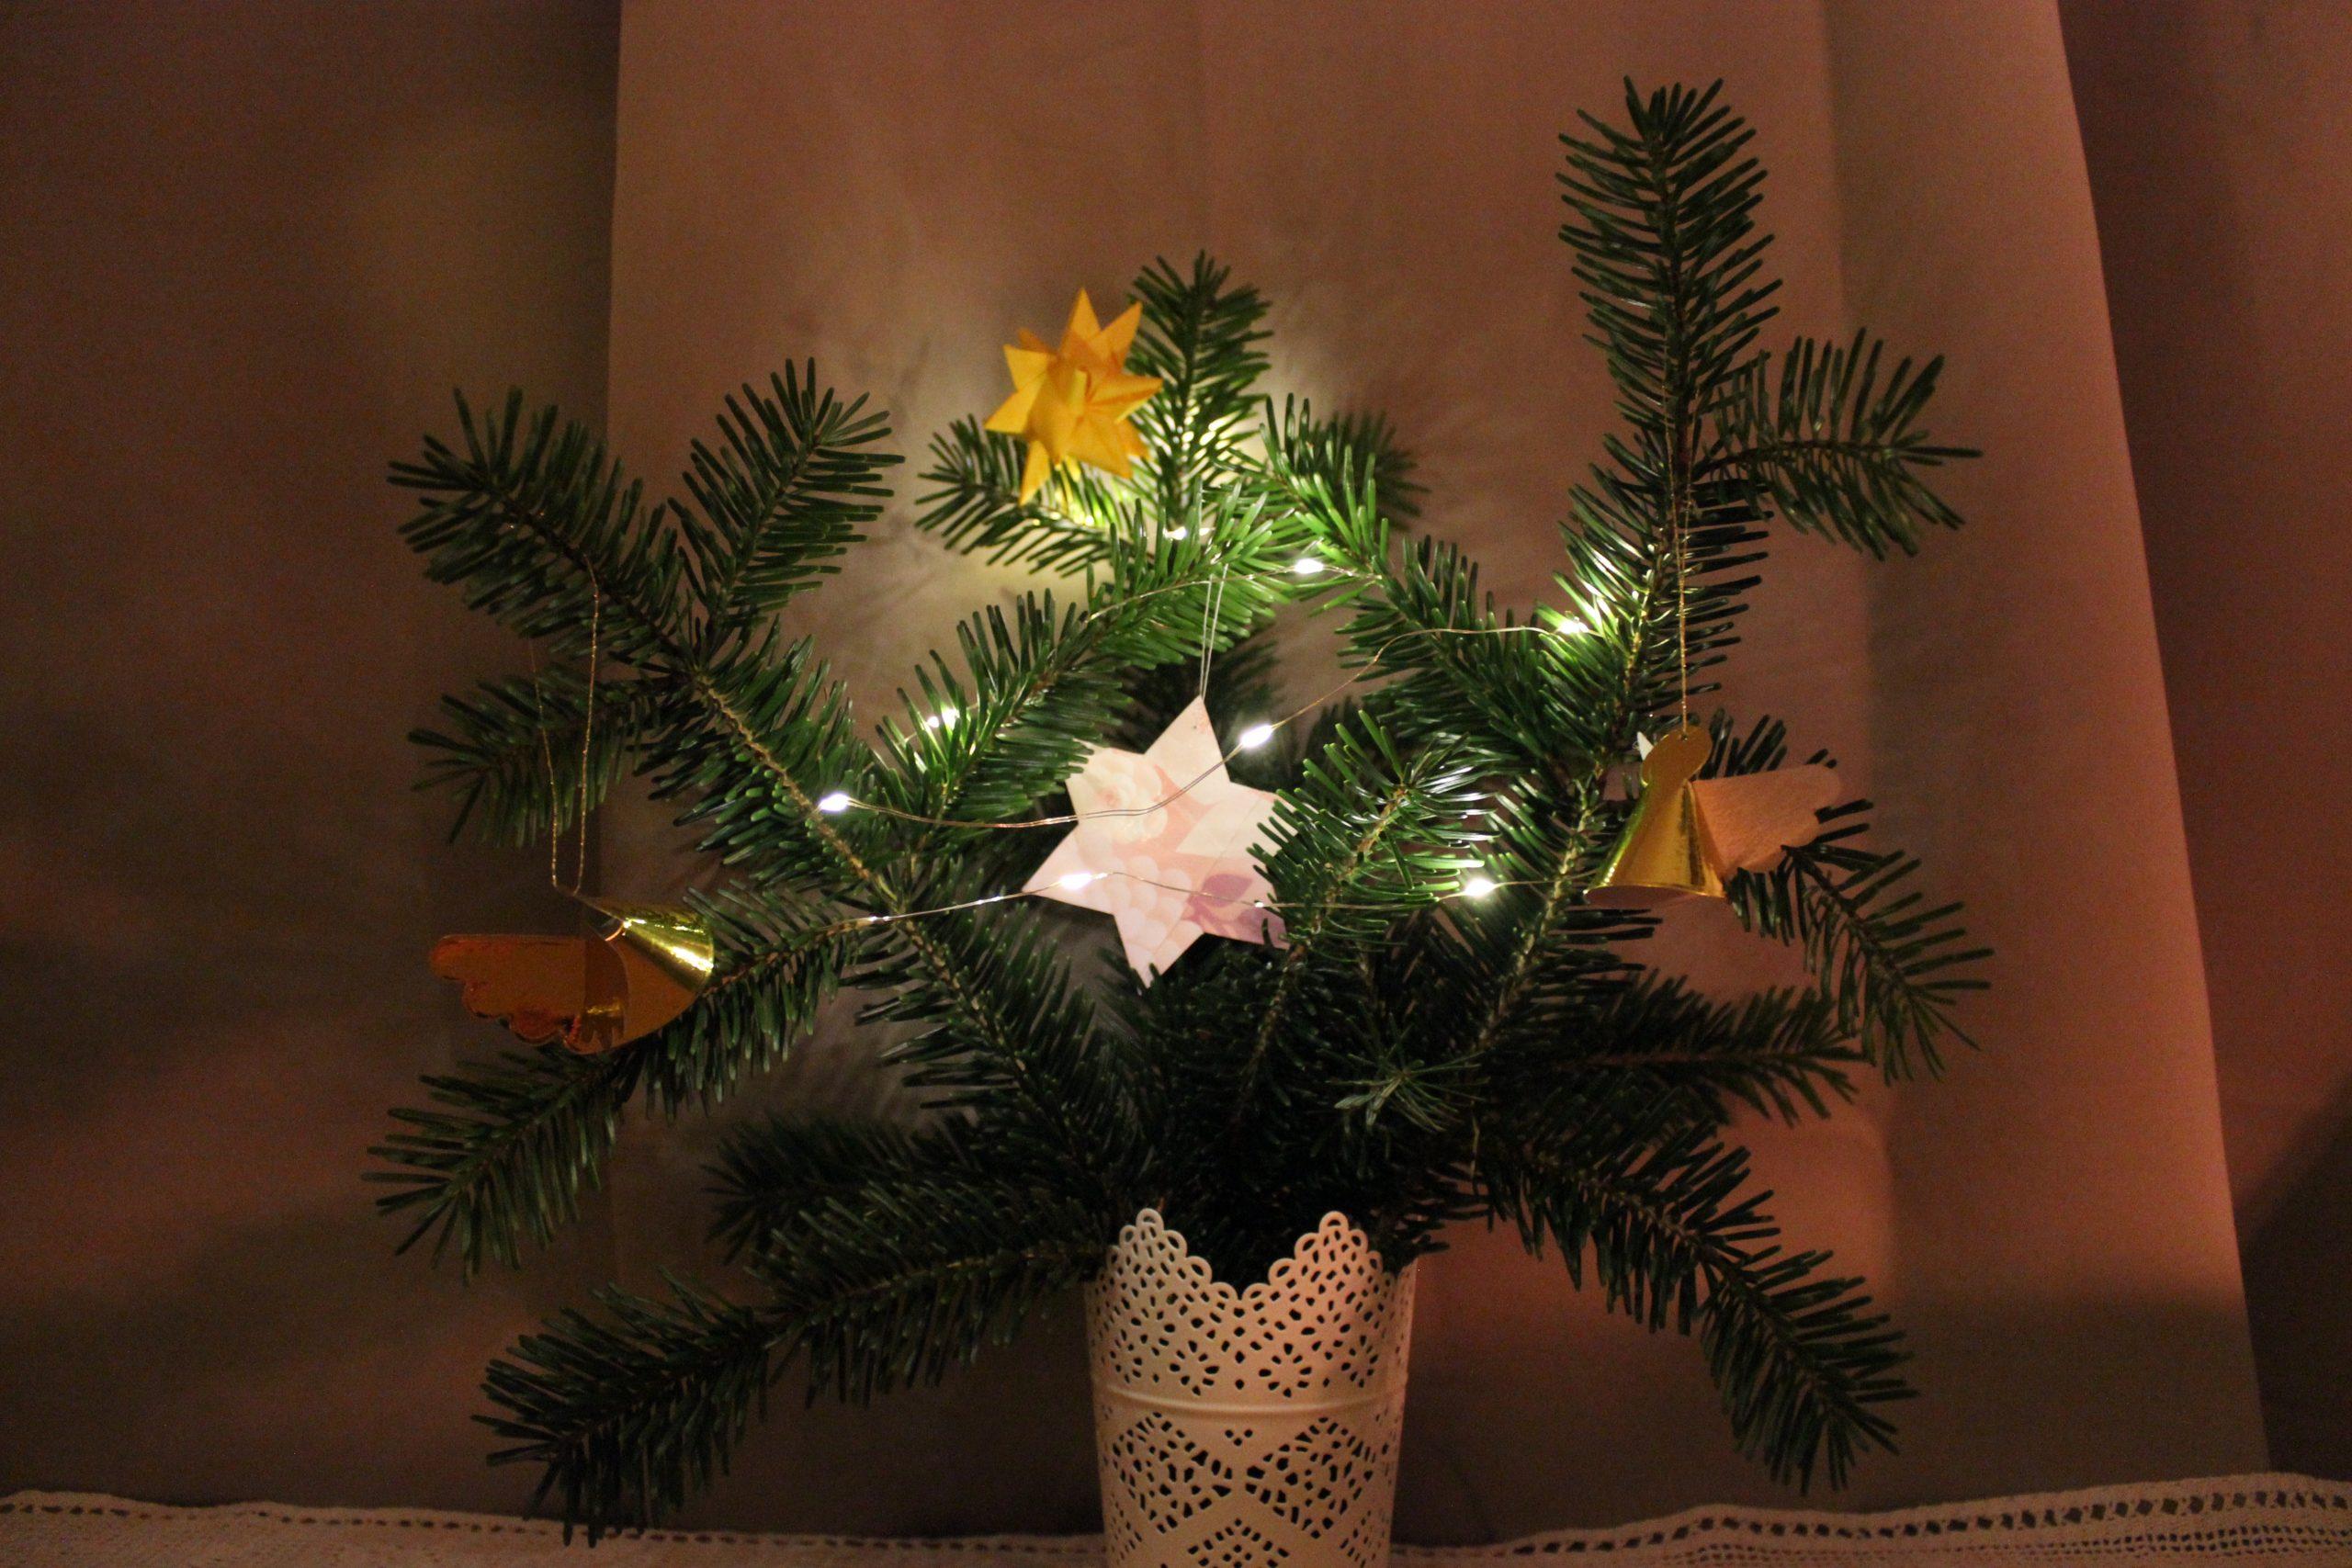 Weihnachtsbaum-Alternative: zusammengesteckte Tannenzweige